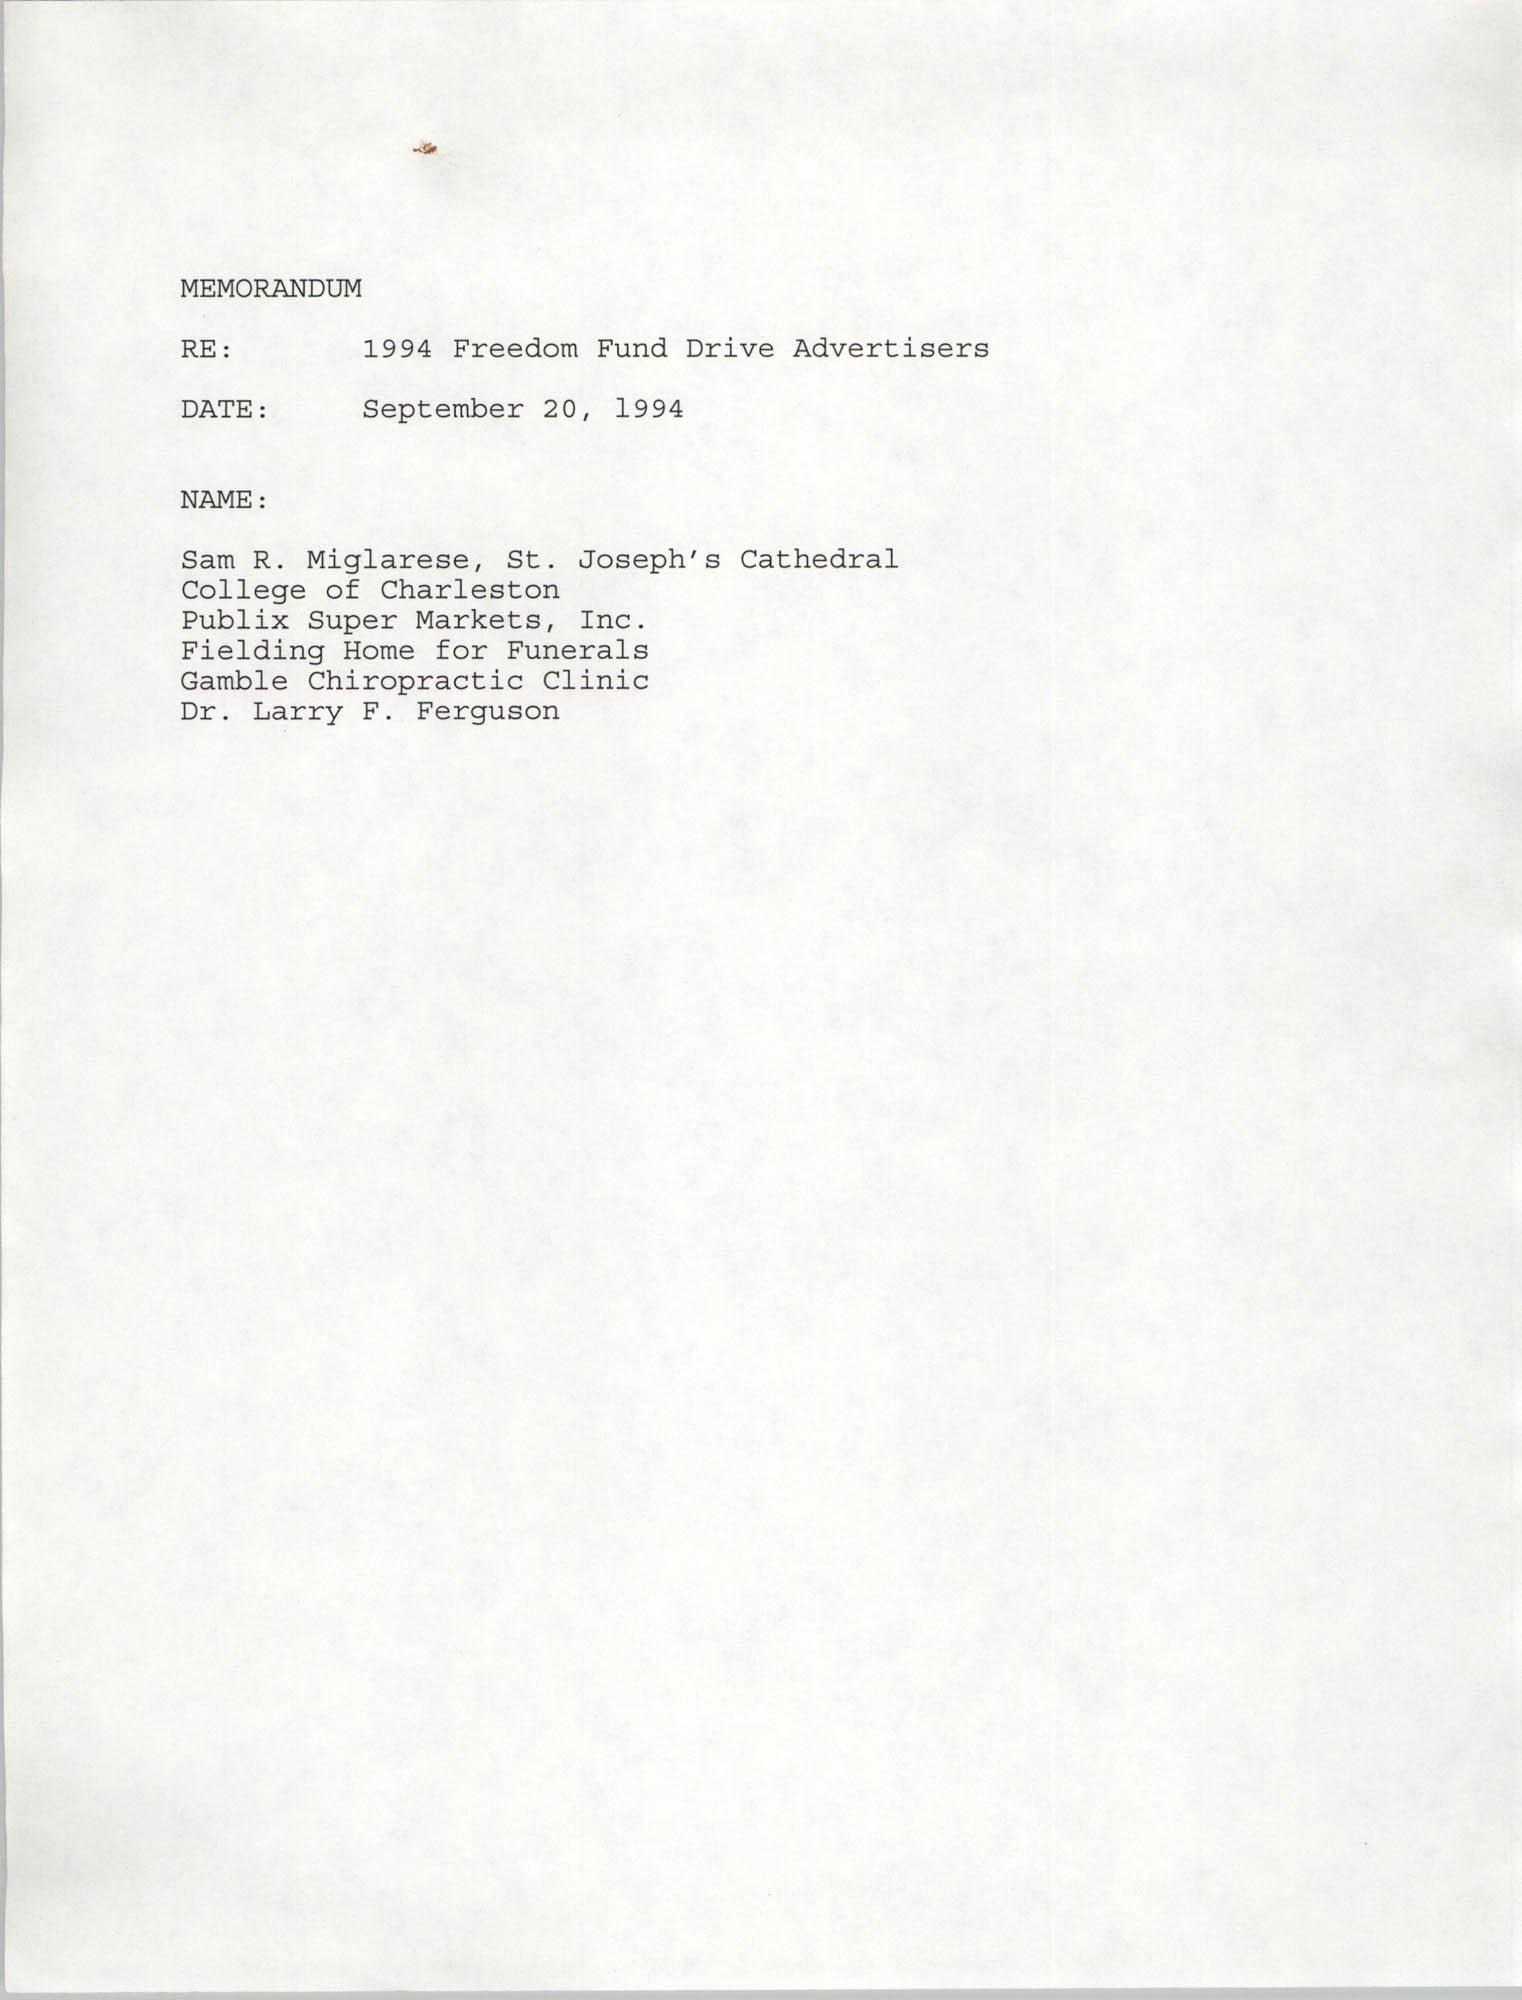 Charleston Branch NAACP Memorandum, September 20, 1994